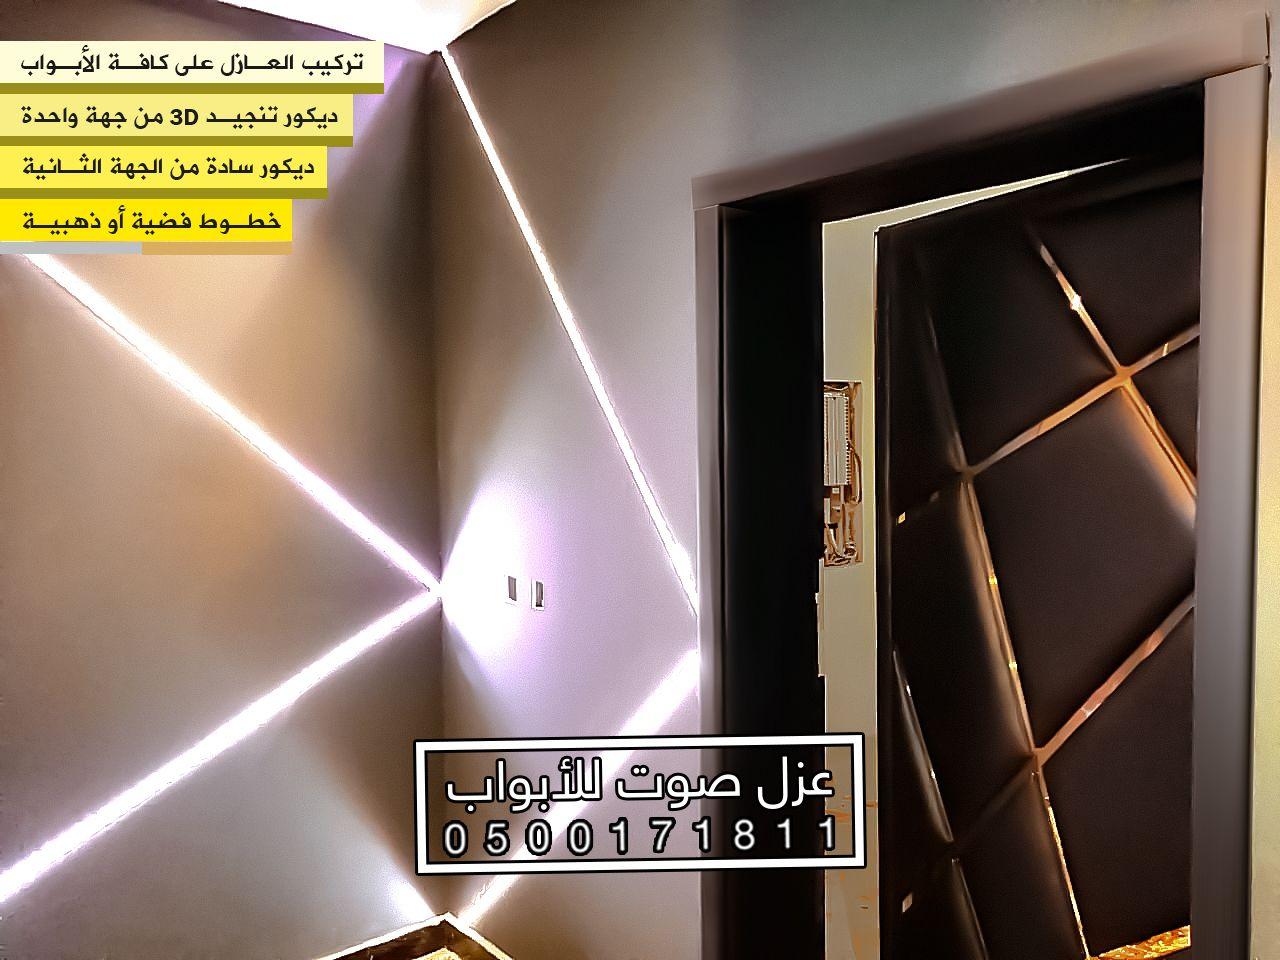 محل عزل صوت و ديكورات الرياض Television Flat Screen Electronic Products